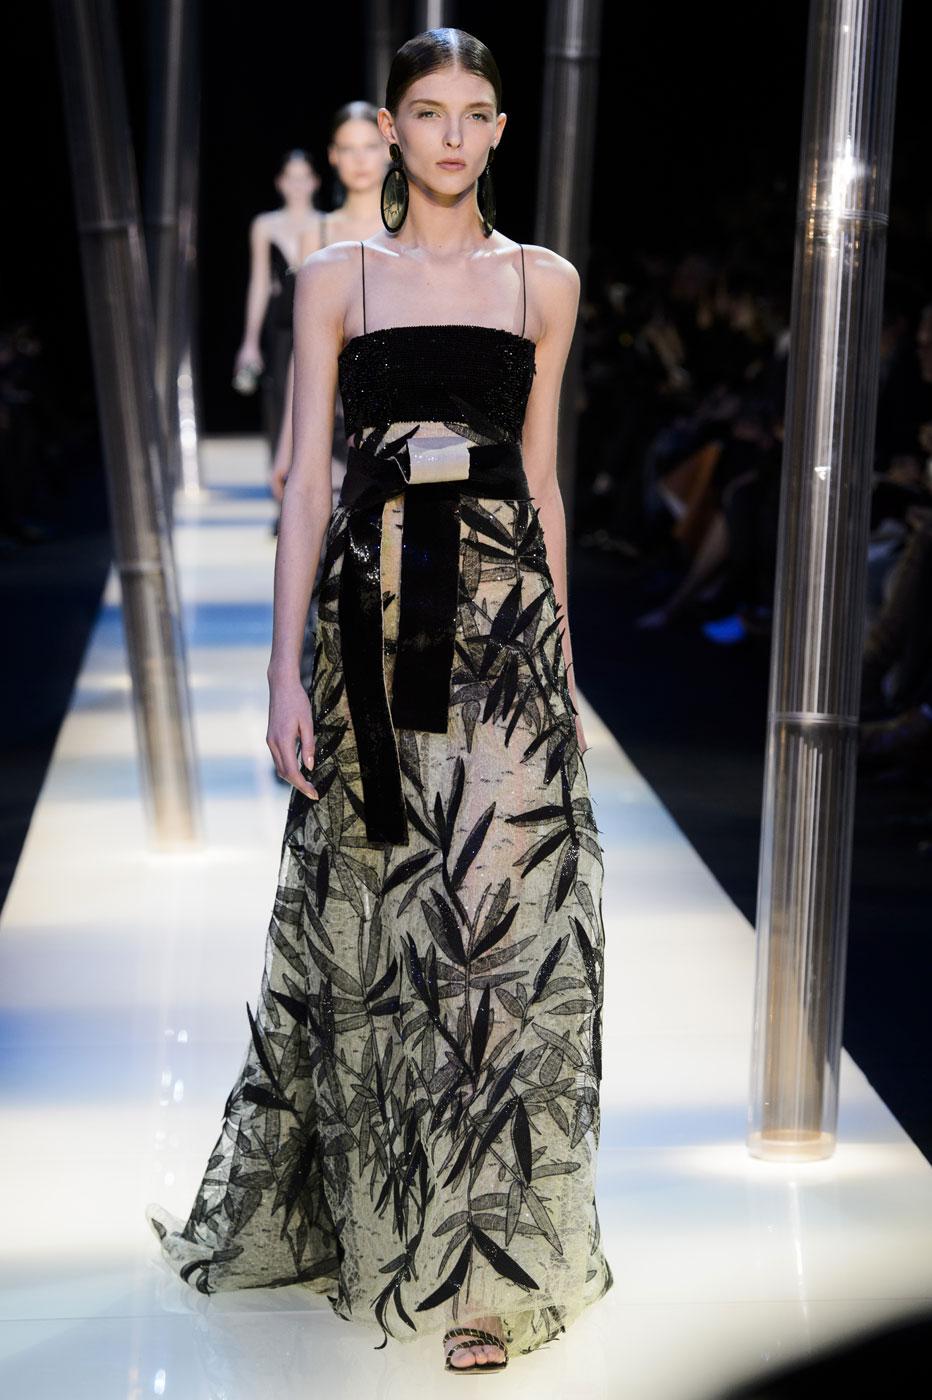 Giorgio-armani-Prive-fashion-runway-show-haute-couture-paris-spring-2015-the-impression-103